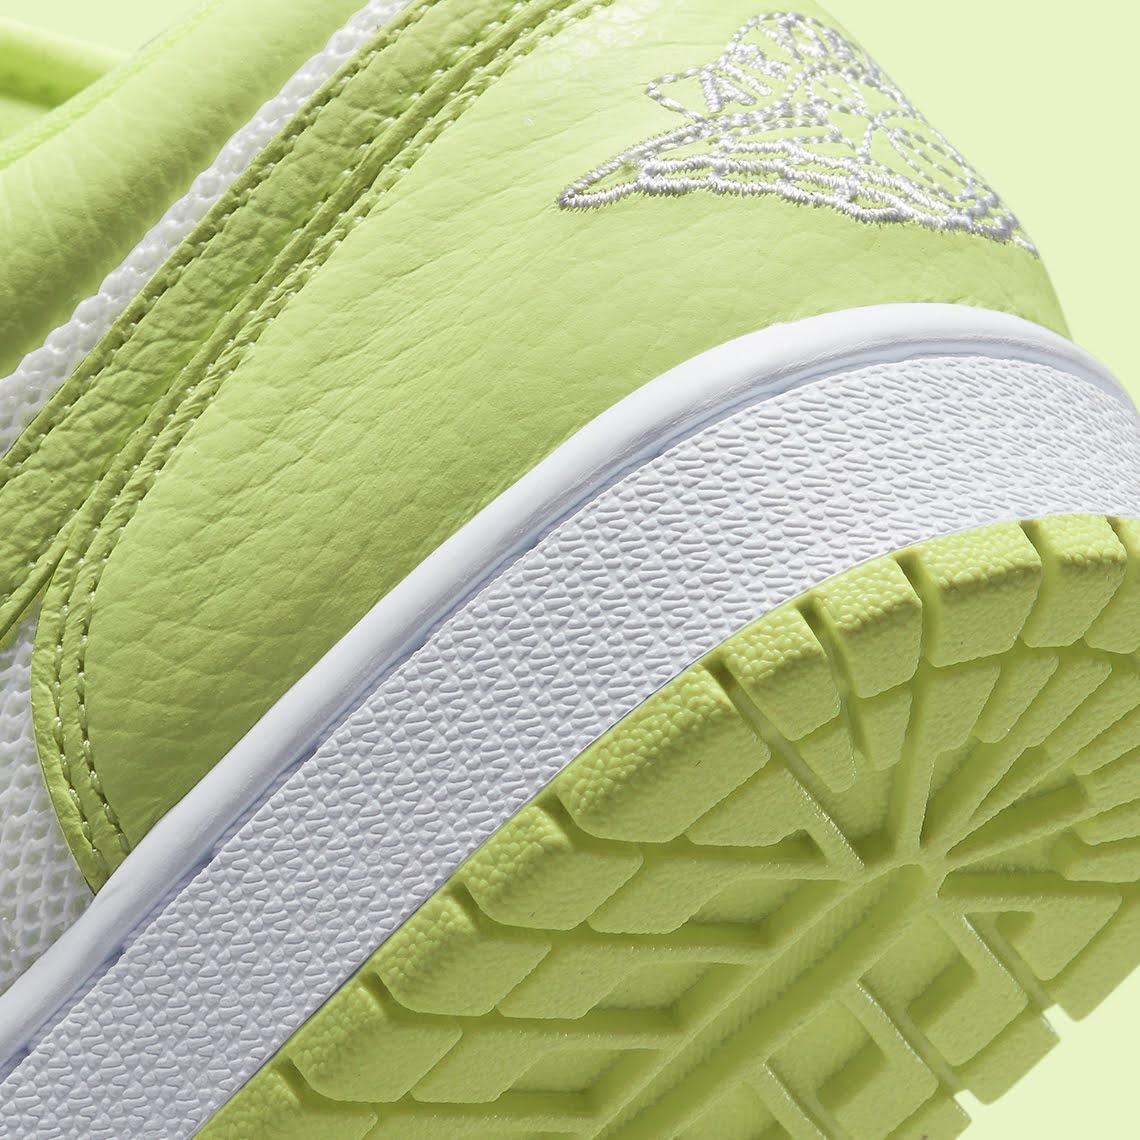 """ナイキ エア ジョーダン 1 ロー """"ライムライト"""" Nike-Air-Jordan-1-Low-Limelight-DH9619-103-side-heel-closeup"""